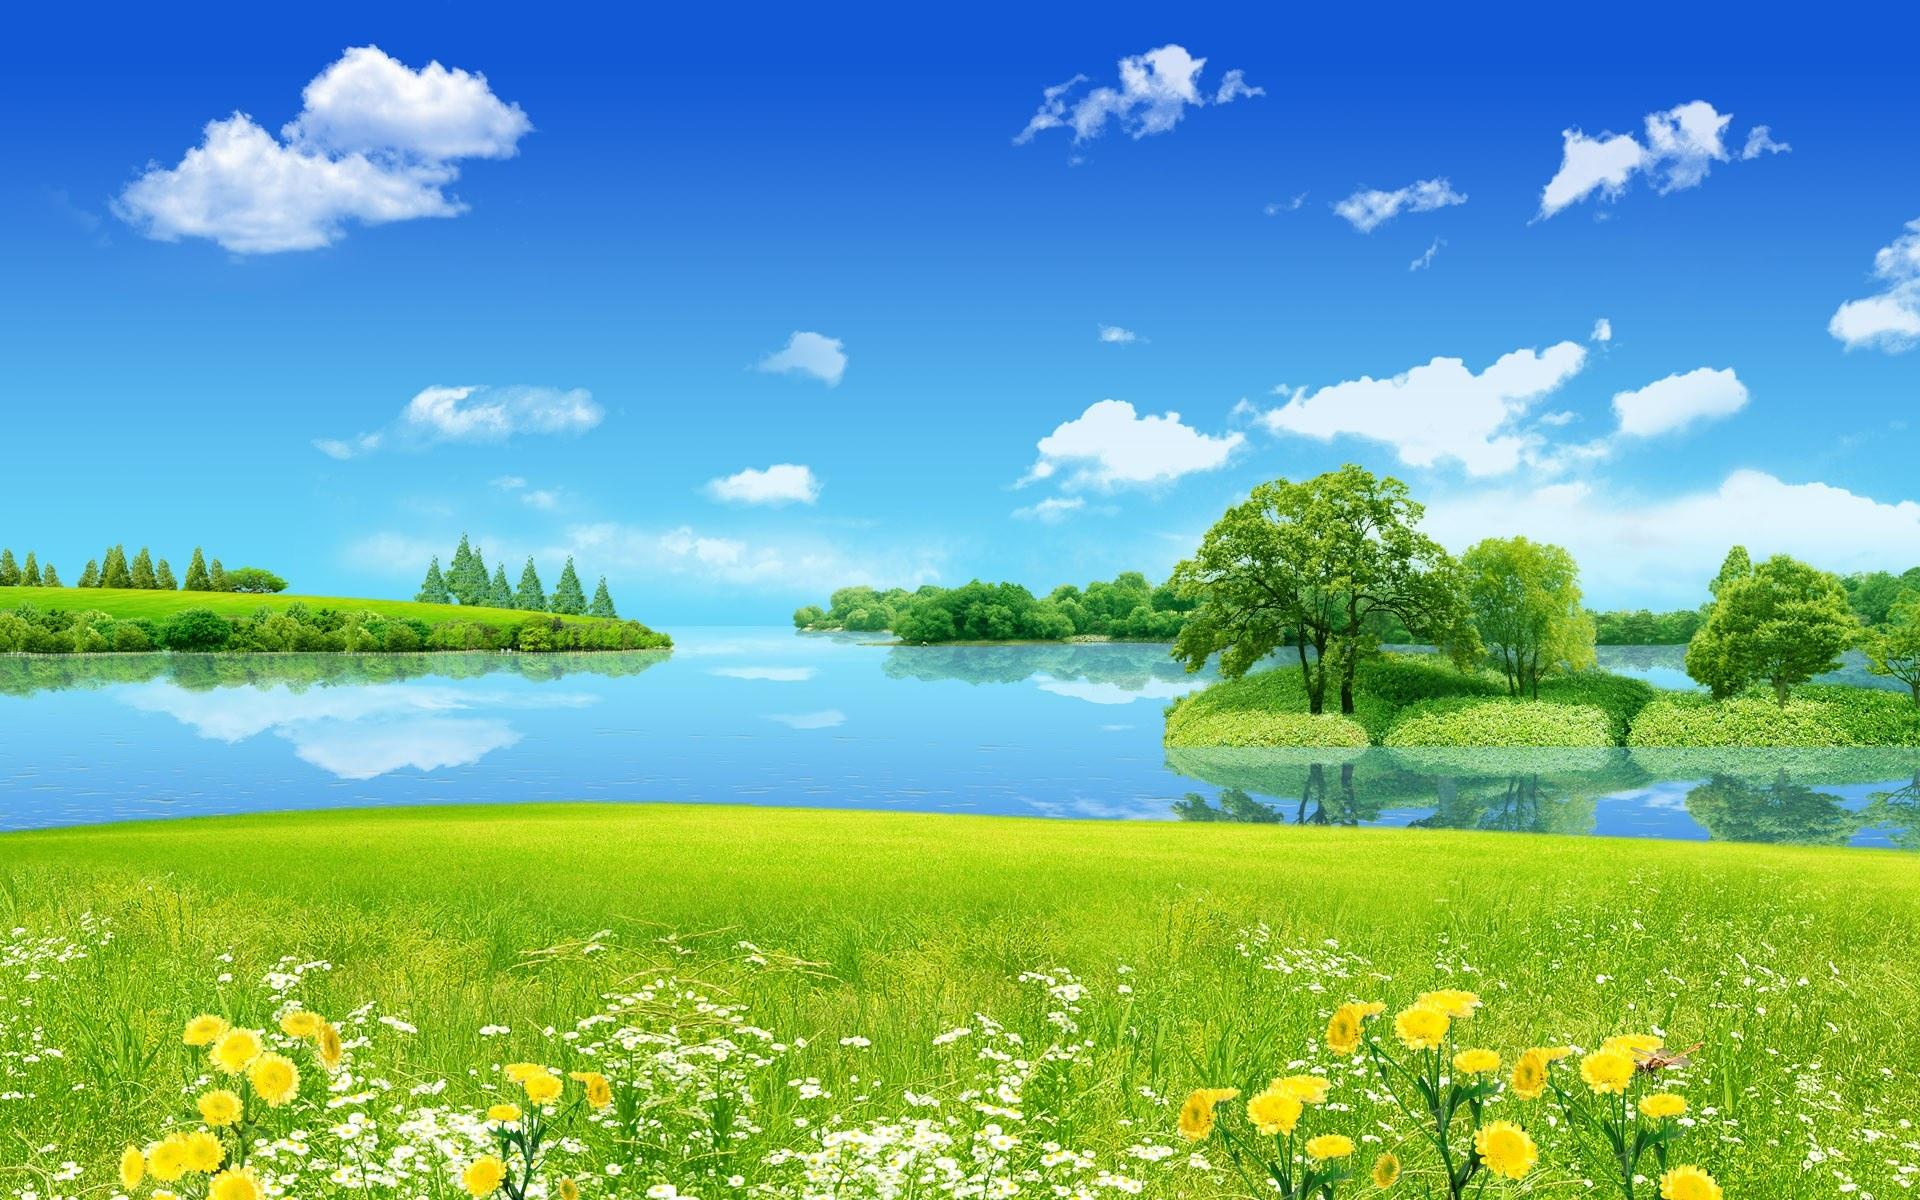 зеленая поляна, скачать фото, обои на рабочий стол, лето, трава, озеро